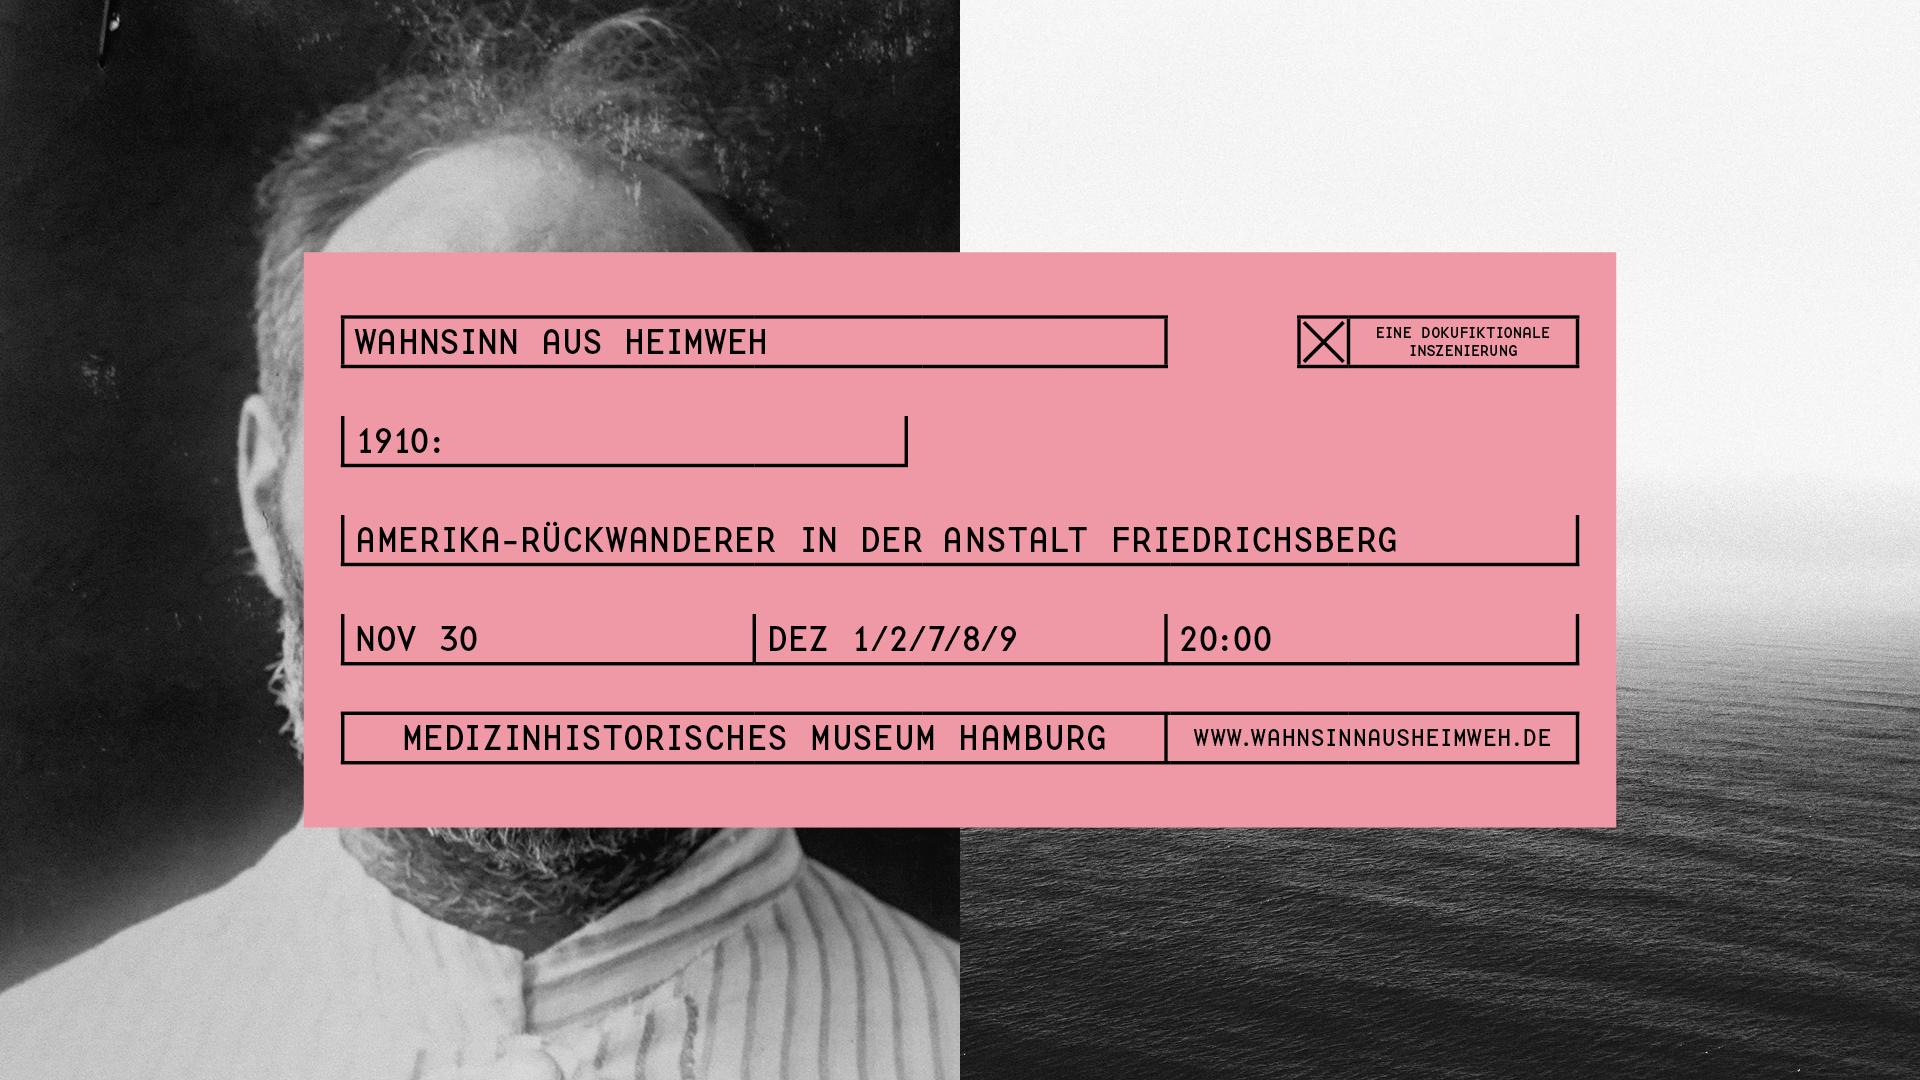 002-2018-Wahnsinn_aus_Heimweh-Web-Banner